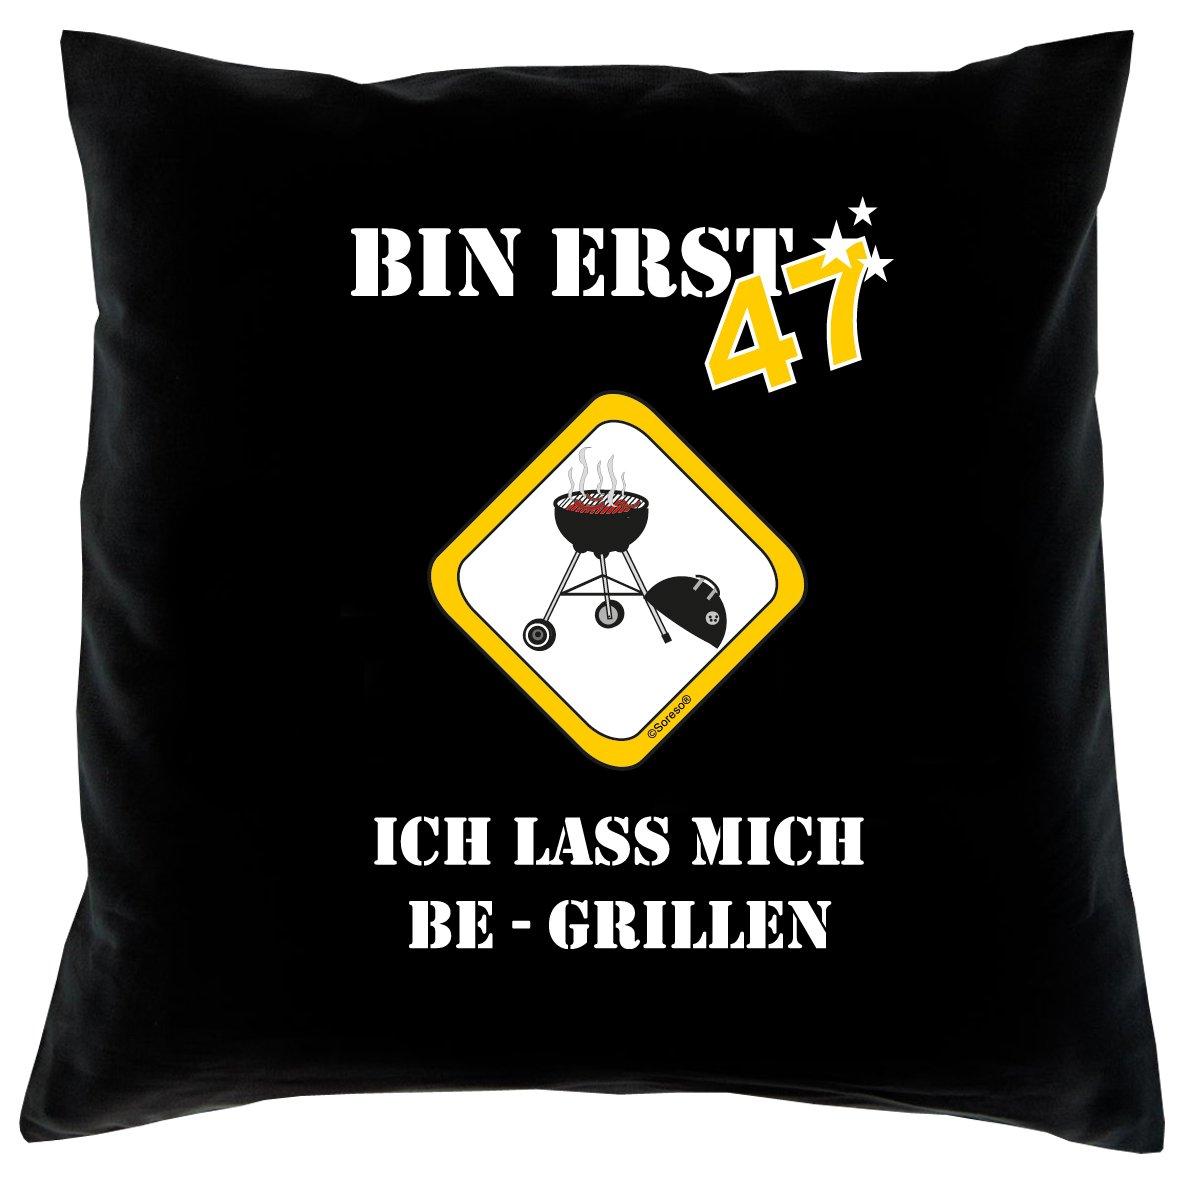 47. Geburtstag Kissen, Sitzkissen, Sofakissen, Dekokissen Bin erst 47! Farbe: Schwarz komplett mit Füllung 40x40cm Größe: 40x40cm